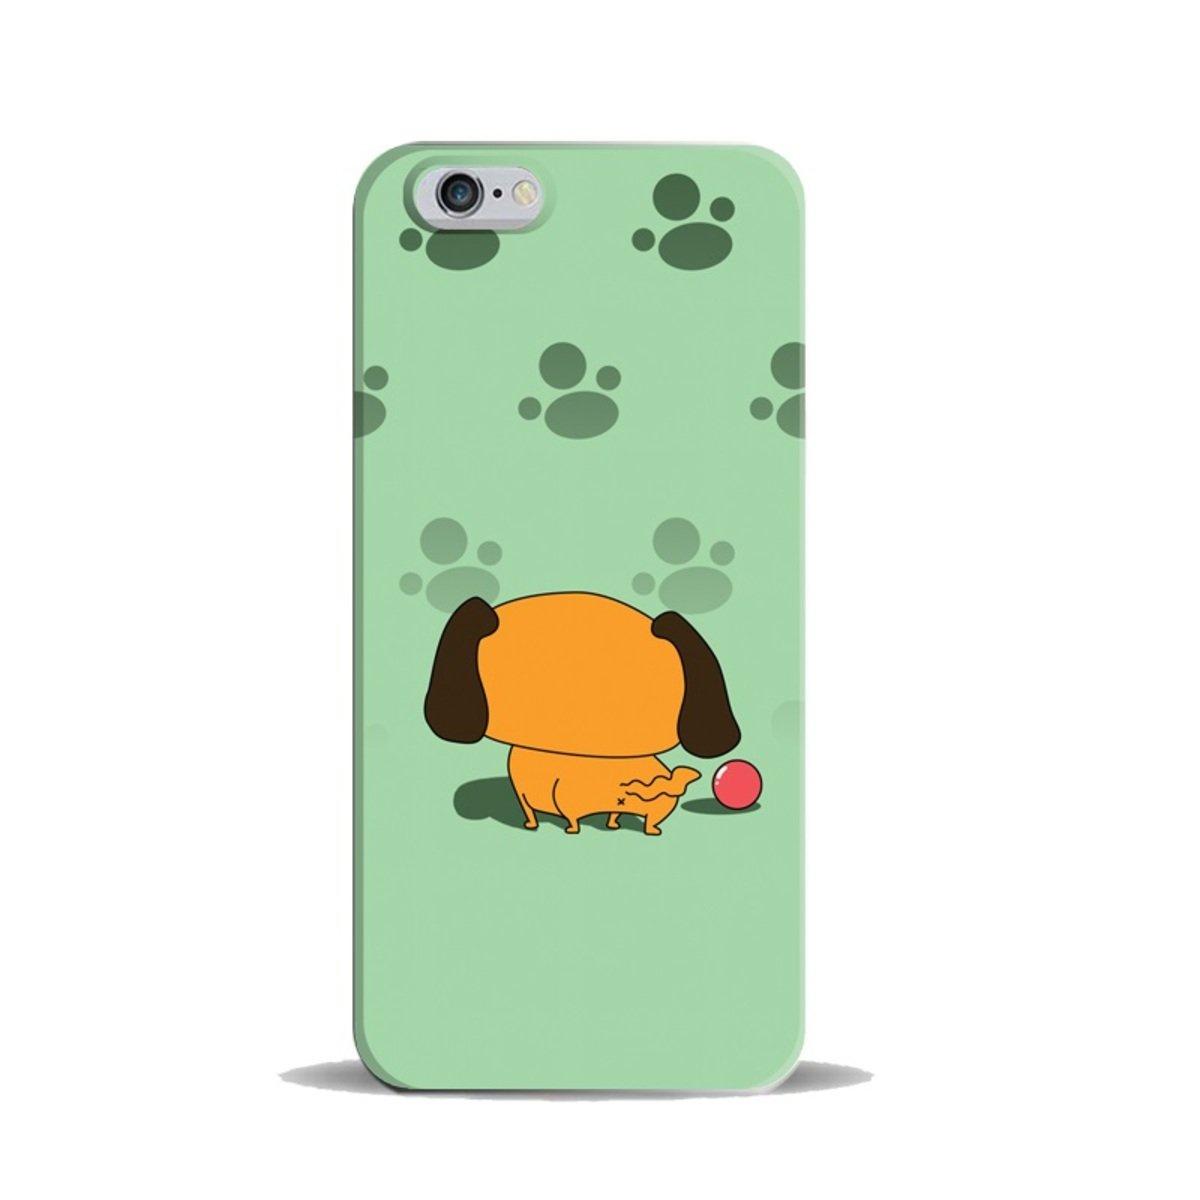 """iPhase - iPhone 6 (4.7"""") 手機膠殼電話保護套 4.7寸 (On..) (另有適合iPhone 6 Plus 5.5寸型號)"""